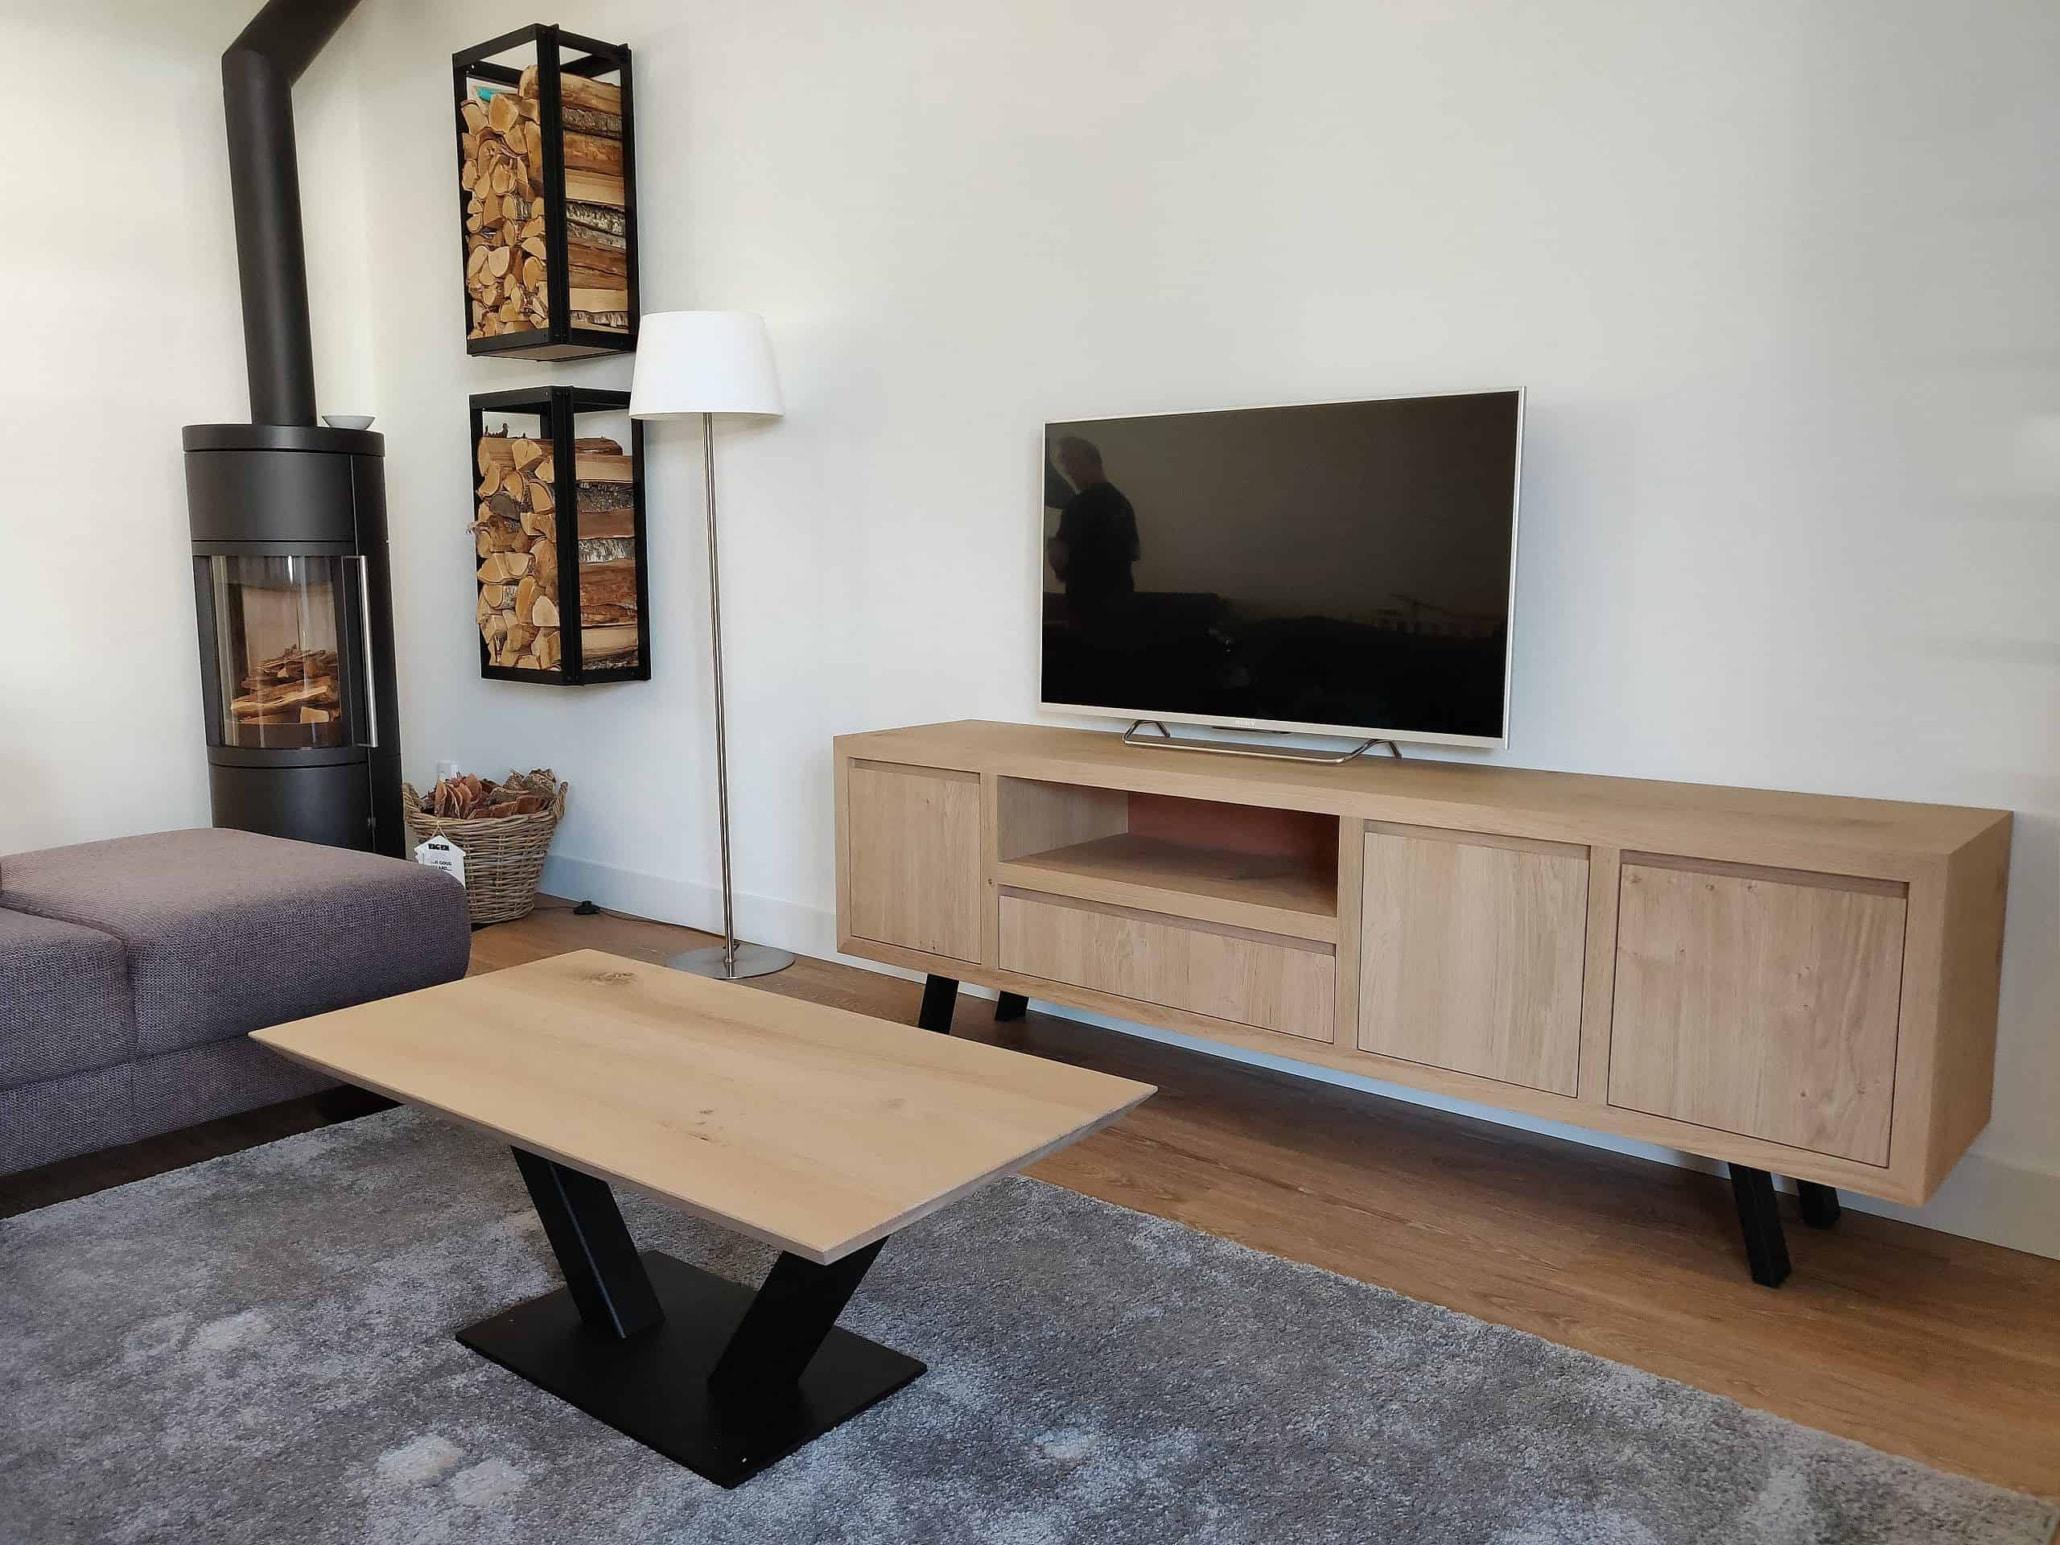 TV meubel eikenhout op pootjes of zwevend